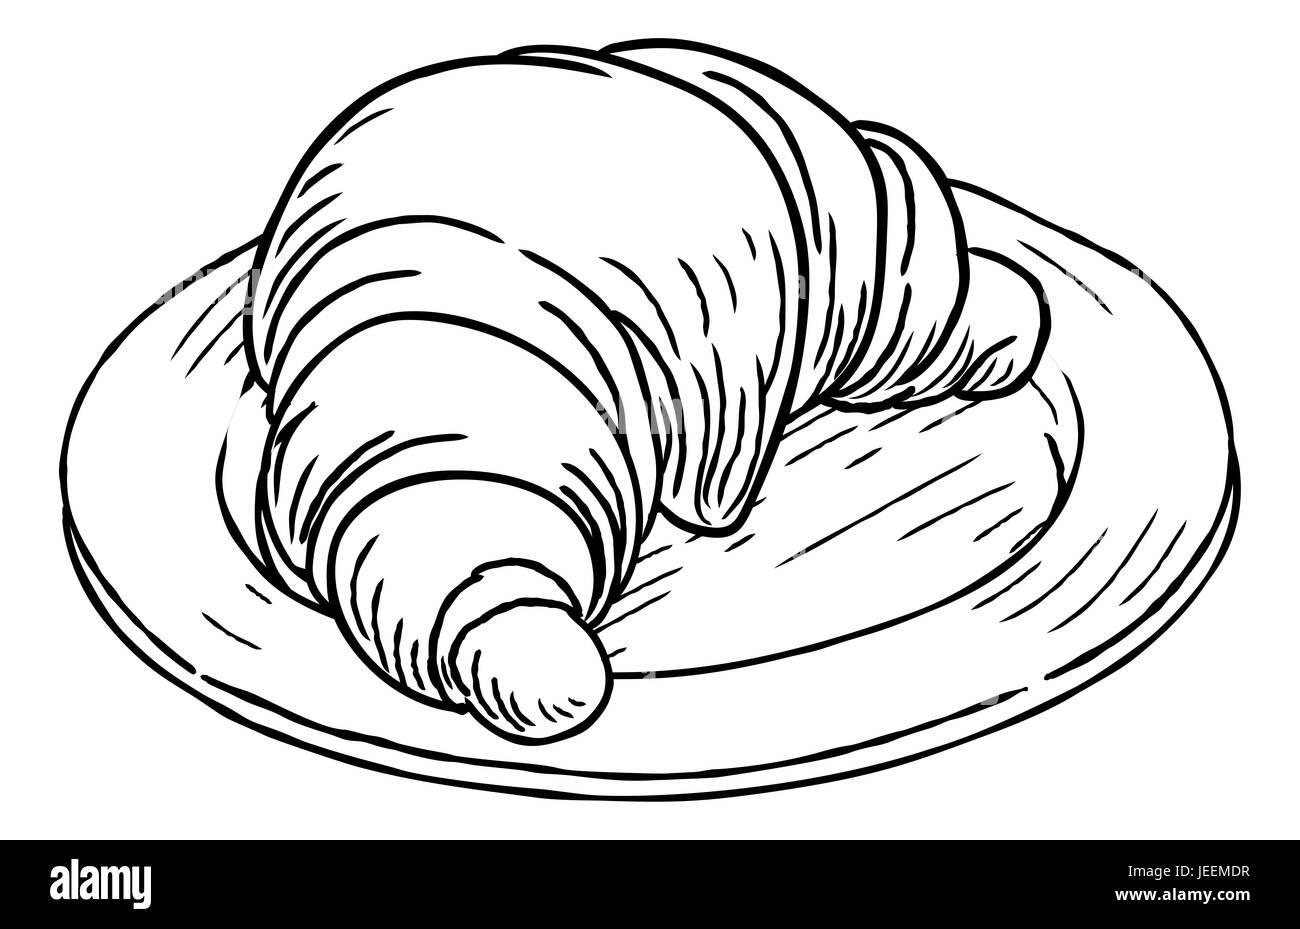 Un Croissant La Pâtisserie Française Part Dessiner Dans Un